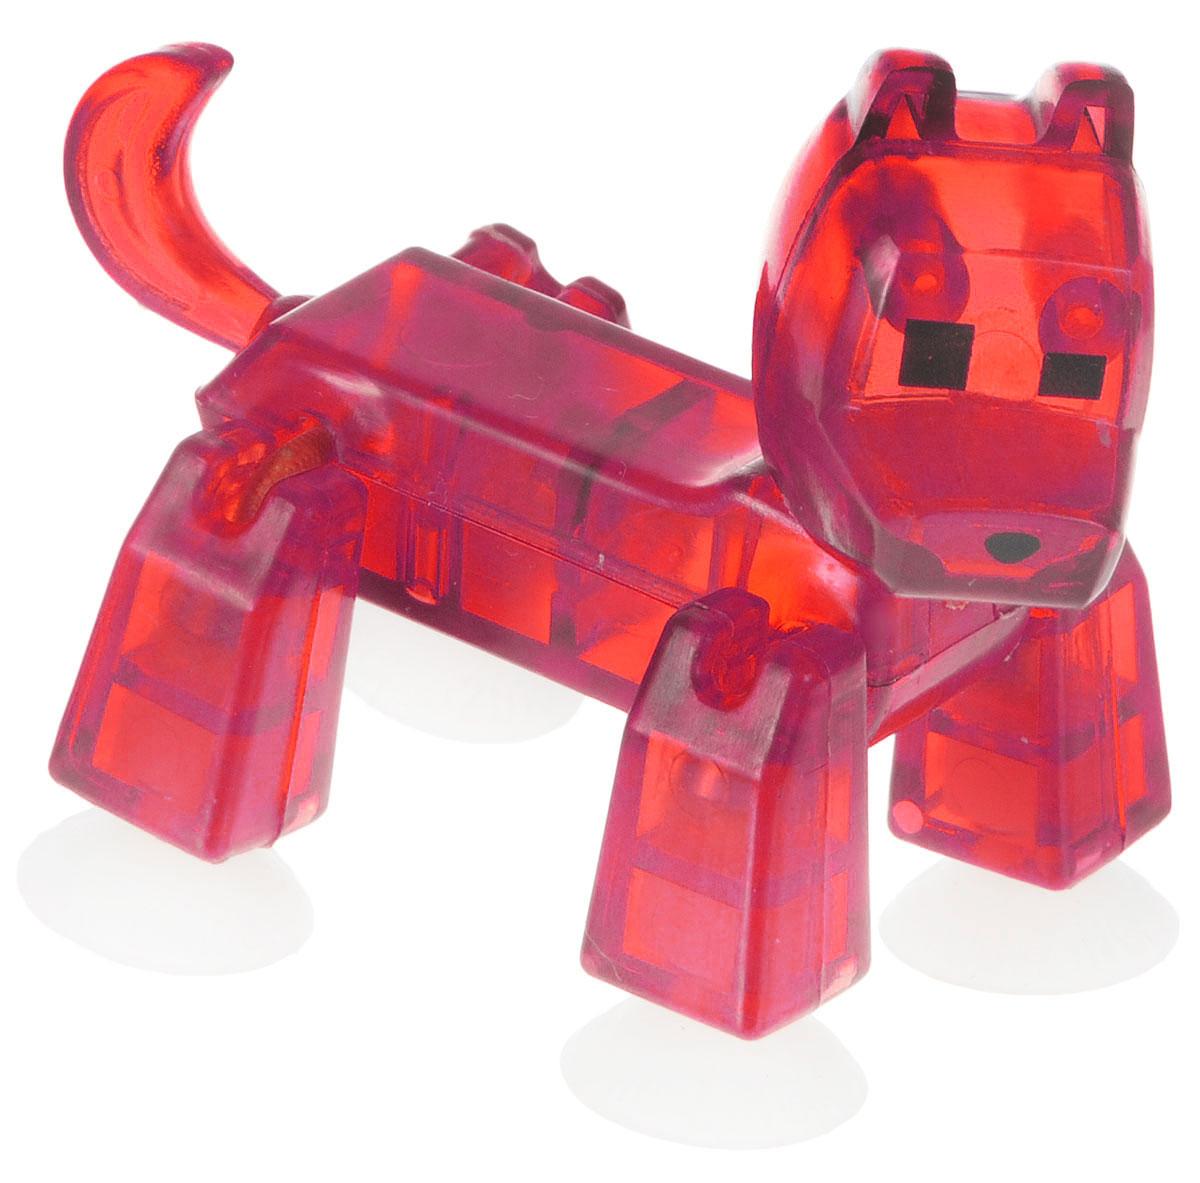 Stikbot Фигурка Питомцы Пес цвет красный stikbot фигурка питомцы бульдог красный